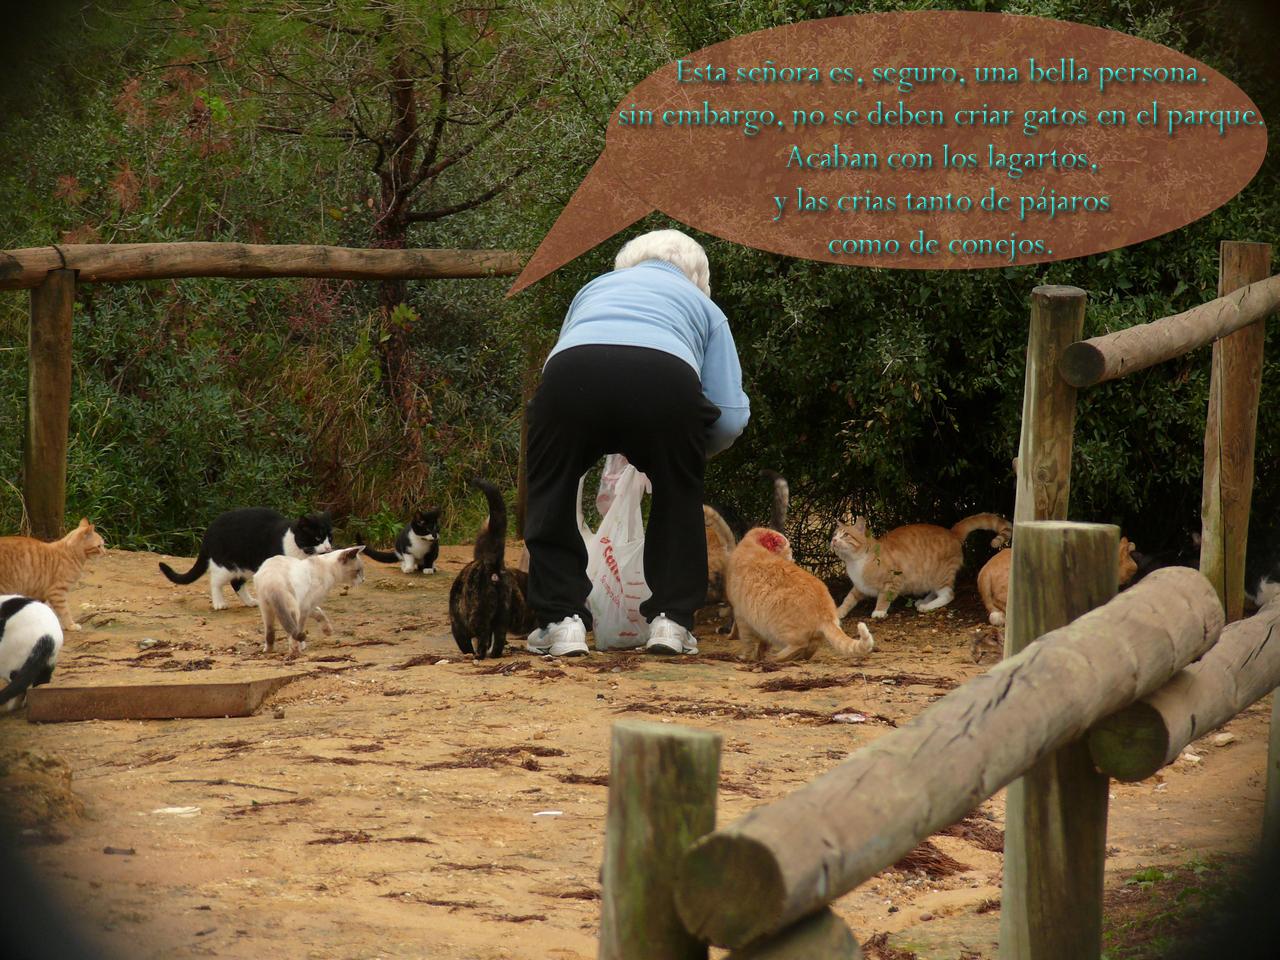 Octubre 2011: GUADAIRAJABEN: Octubre 2011